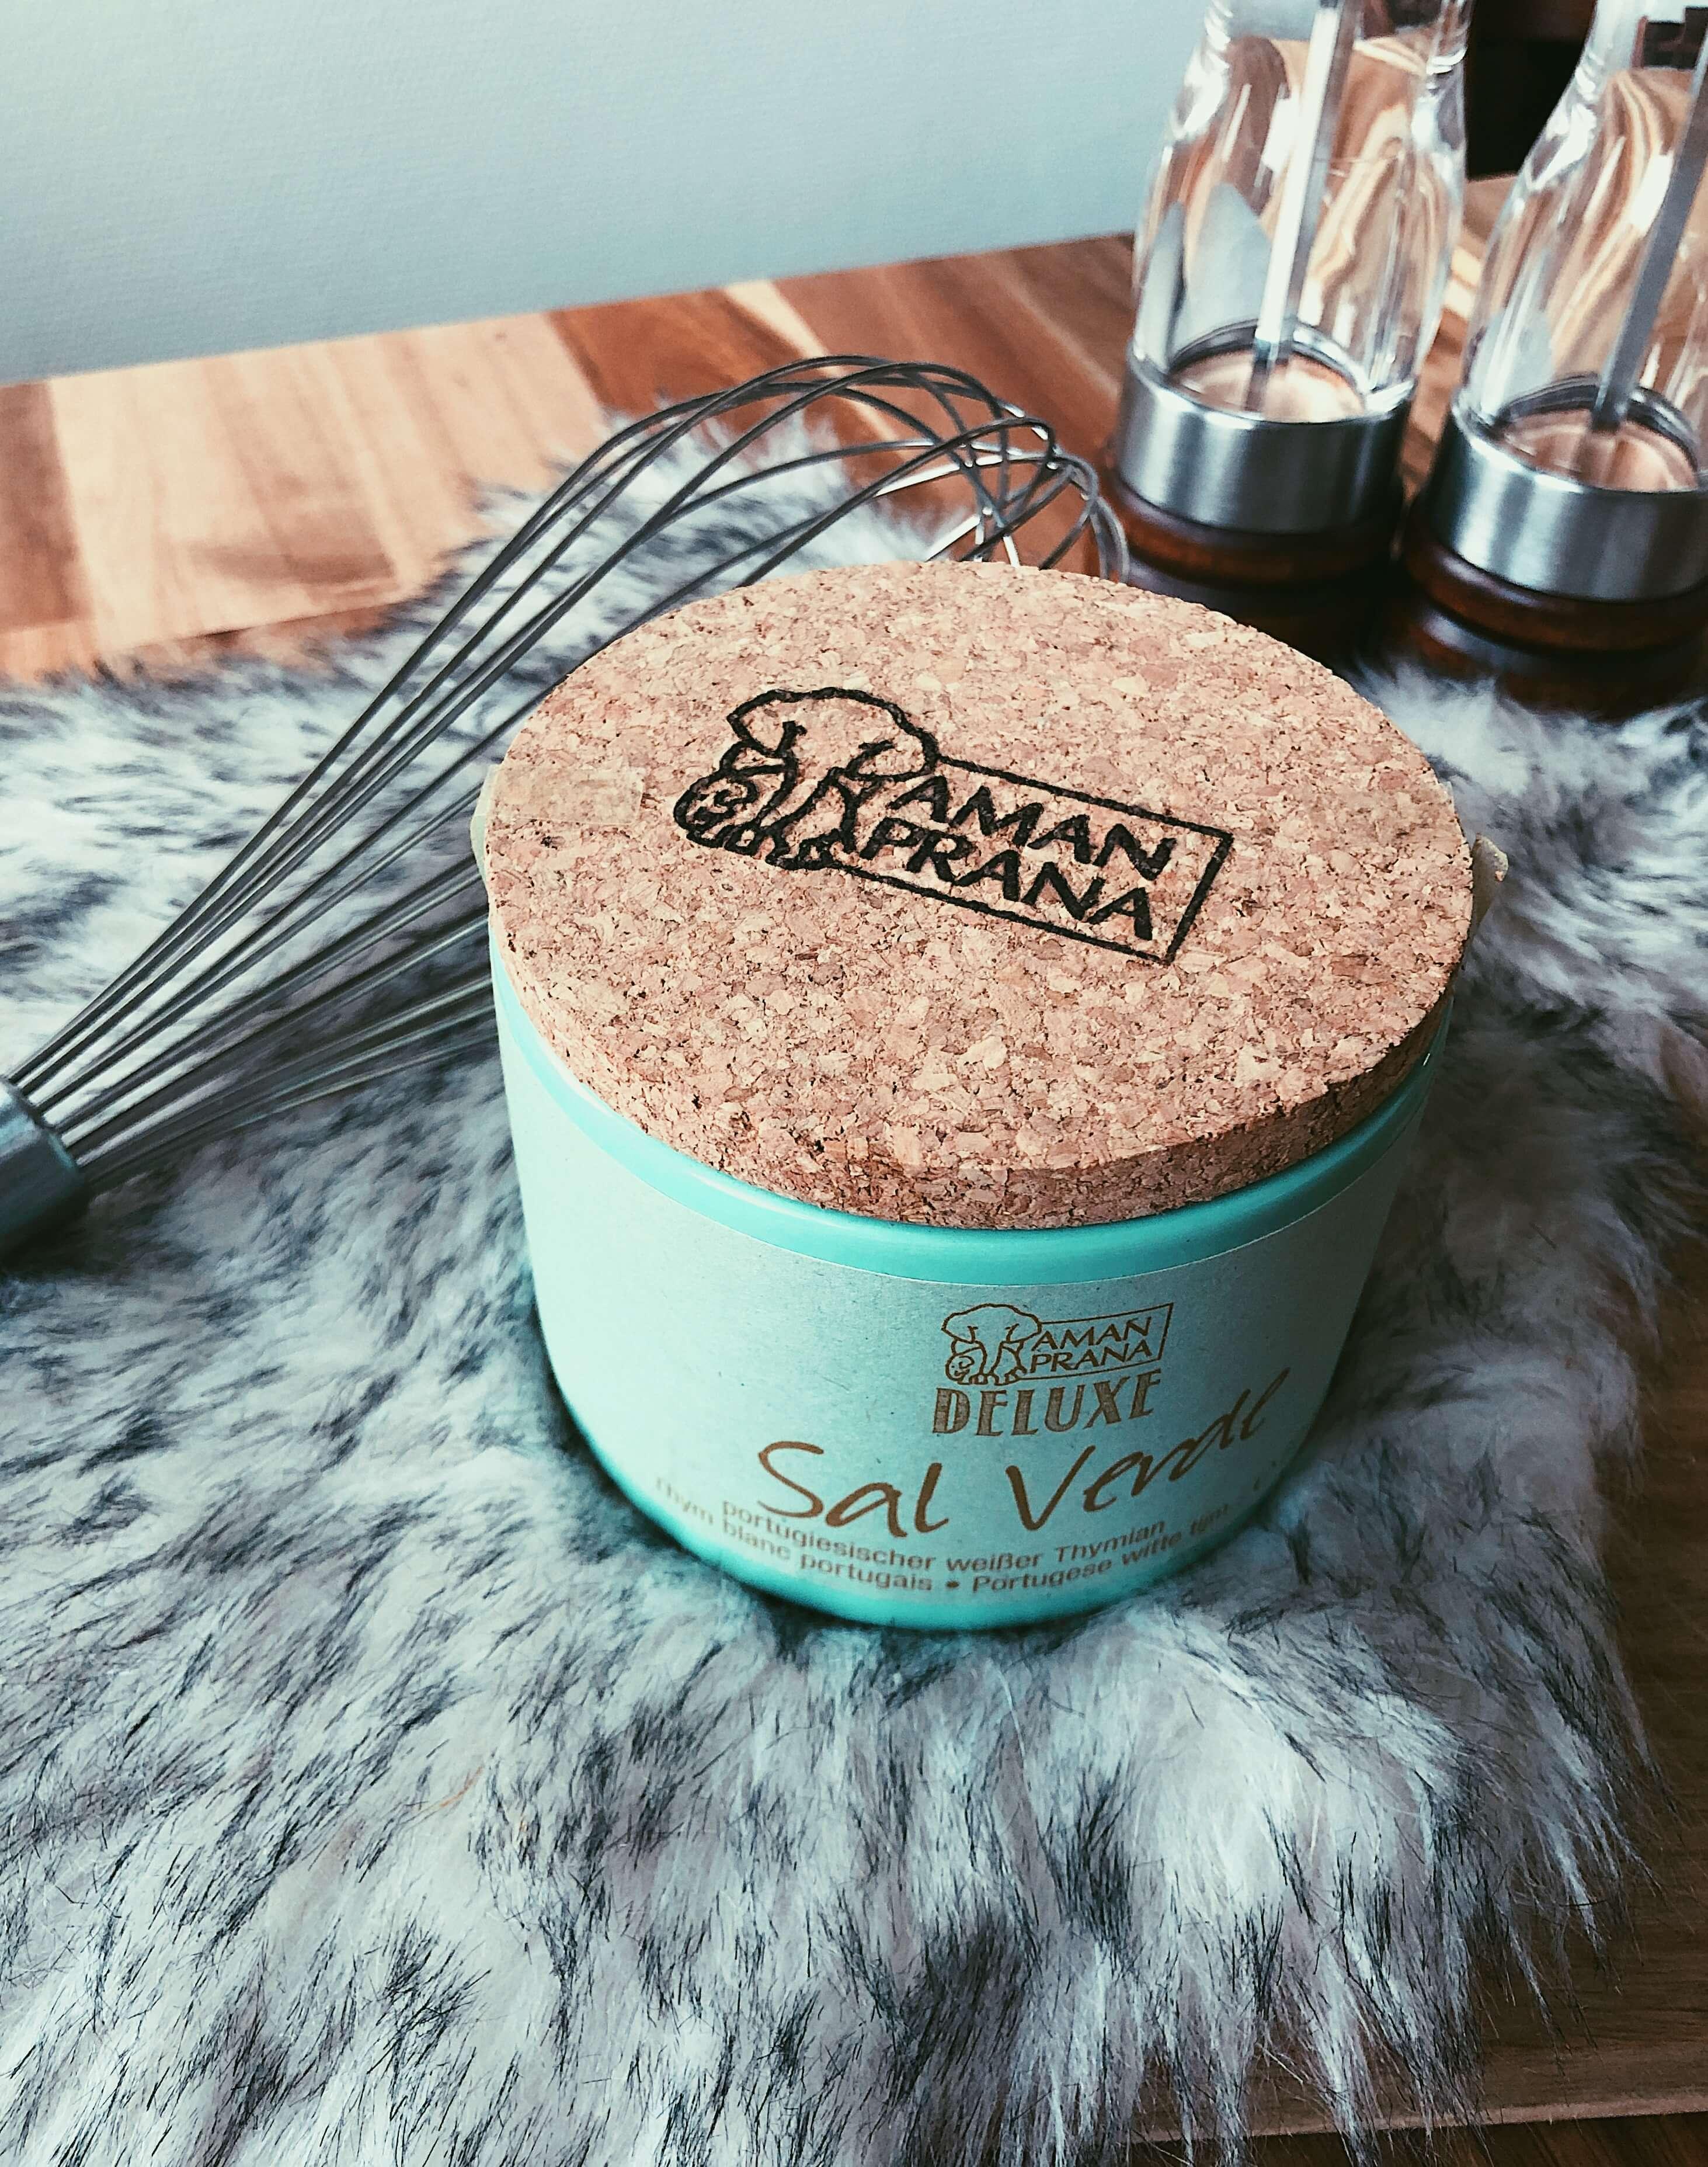 Biologische Sal Verde witte tijm. Kent zo zijn gezonde voordelen en makkelijk te gebruiken in gerechten en bij aroma therapie.